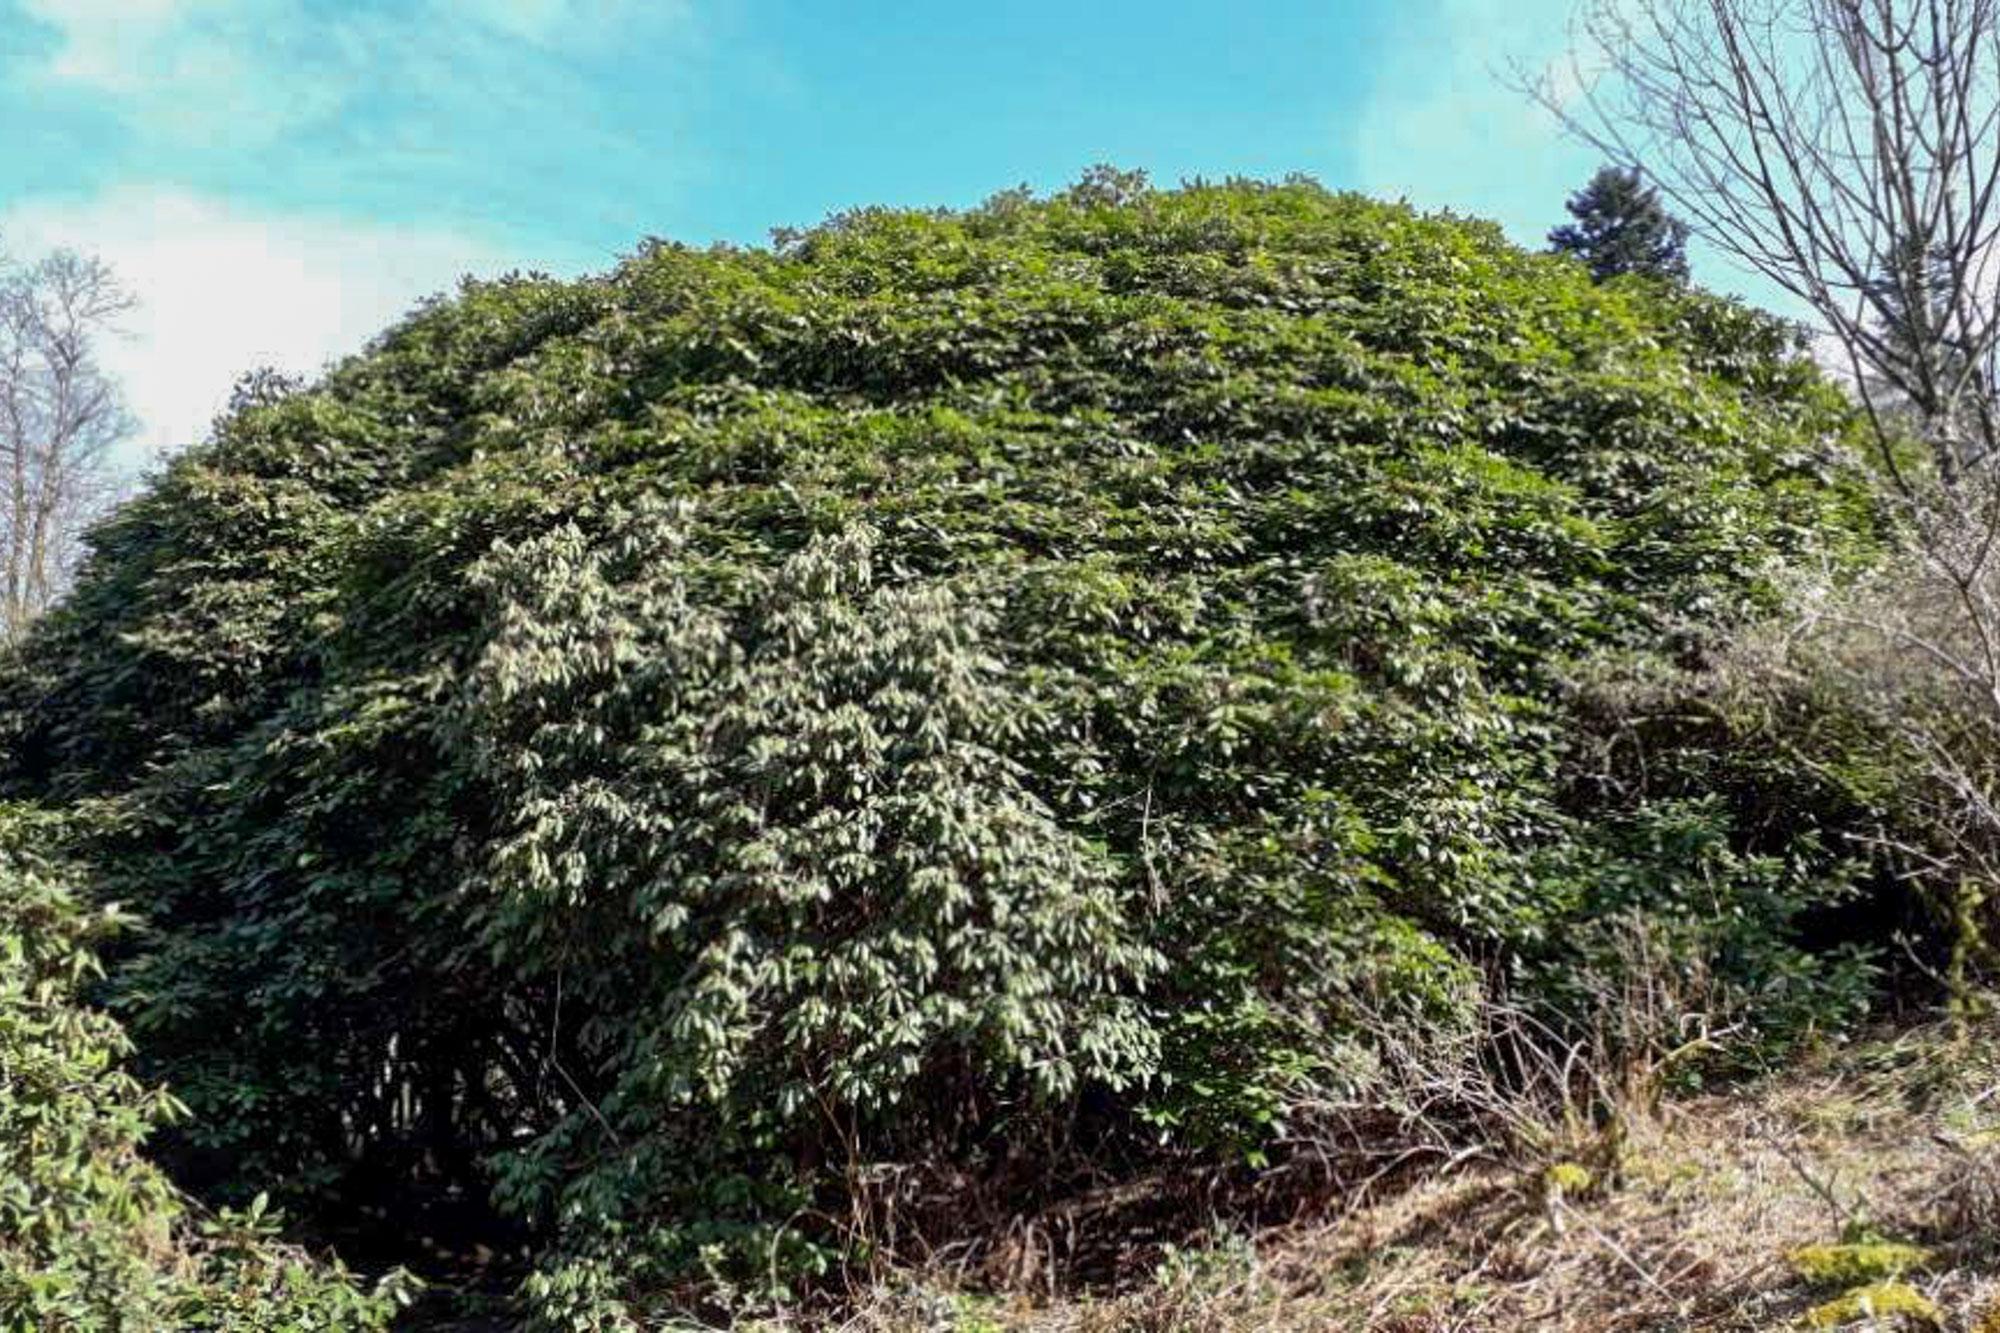 Arboretum auf eigene Faust erkunden